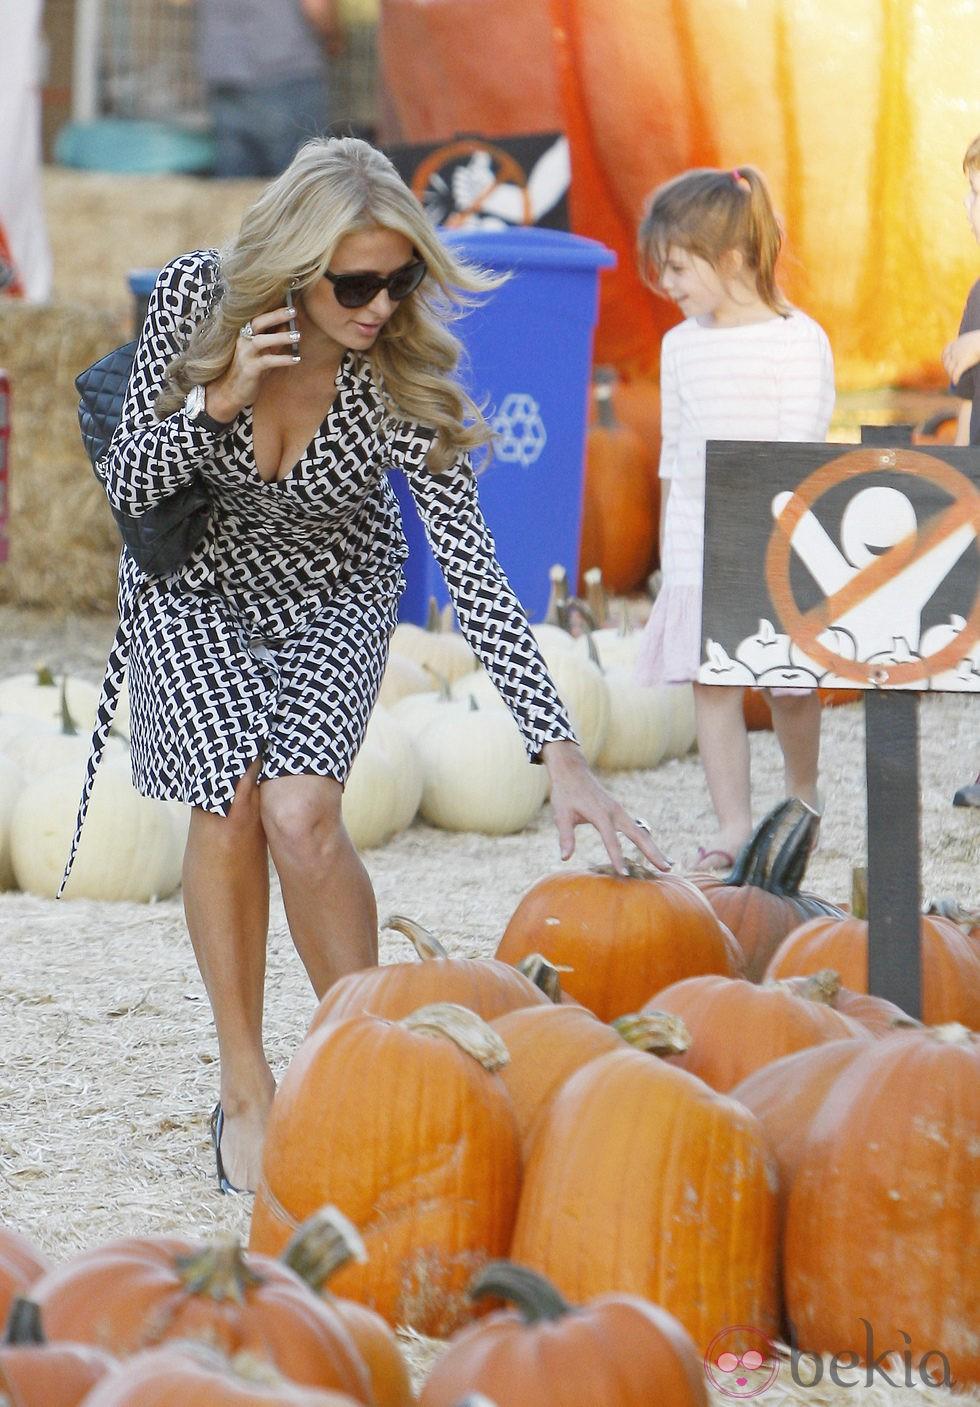 Paris Hilton seleccionando calabazas en el Mr. Bones Pumpkin Patch de Los Angeles